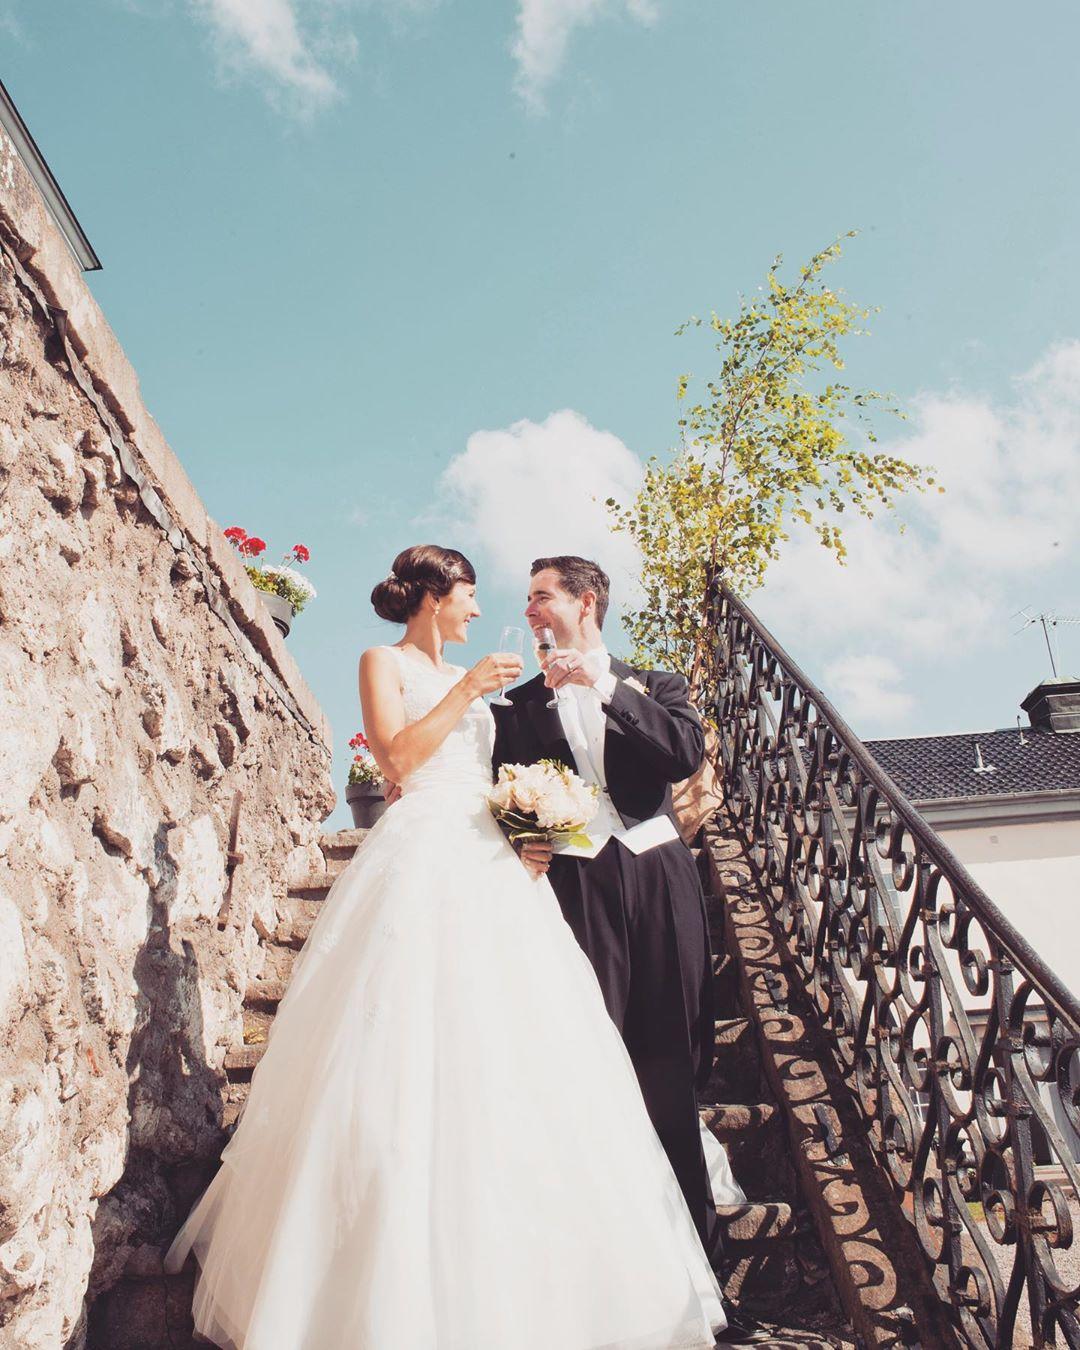 Går ni i bröllopstankar? Välkomna på en kostnadsfri visning och inspiration hos oss! För mer info och bokning gå till www.ostermalma.se #bröllop #2020 #barockslott #vilt #restaurang